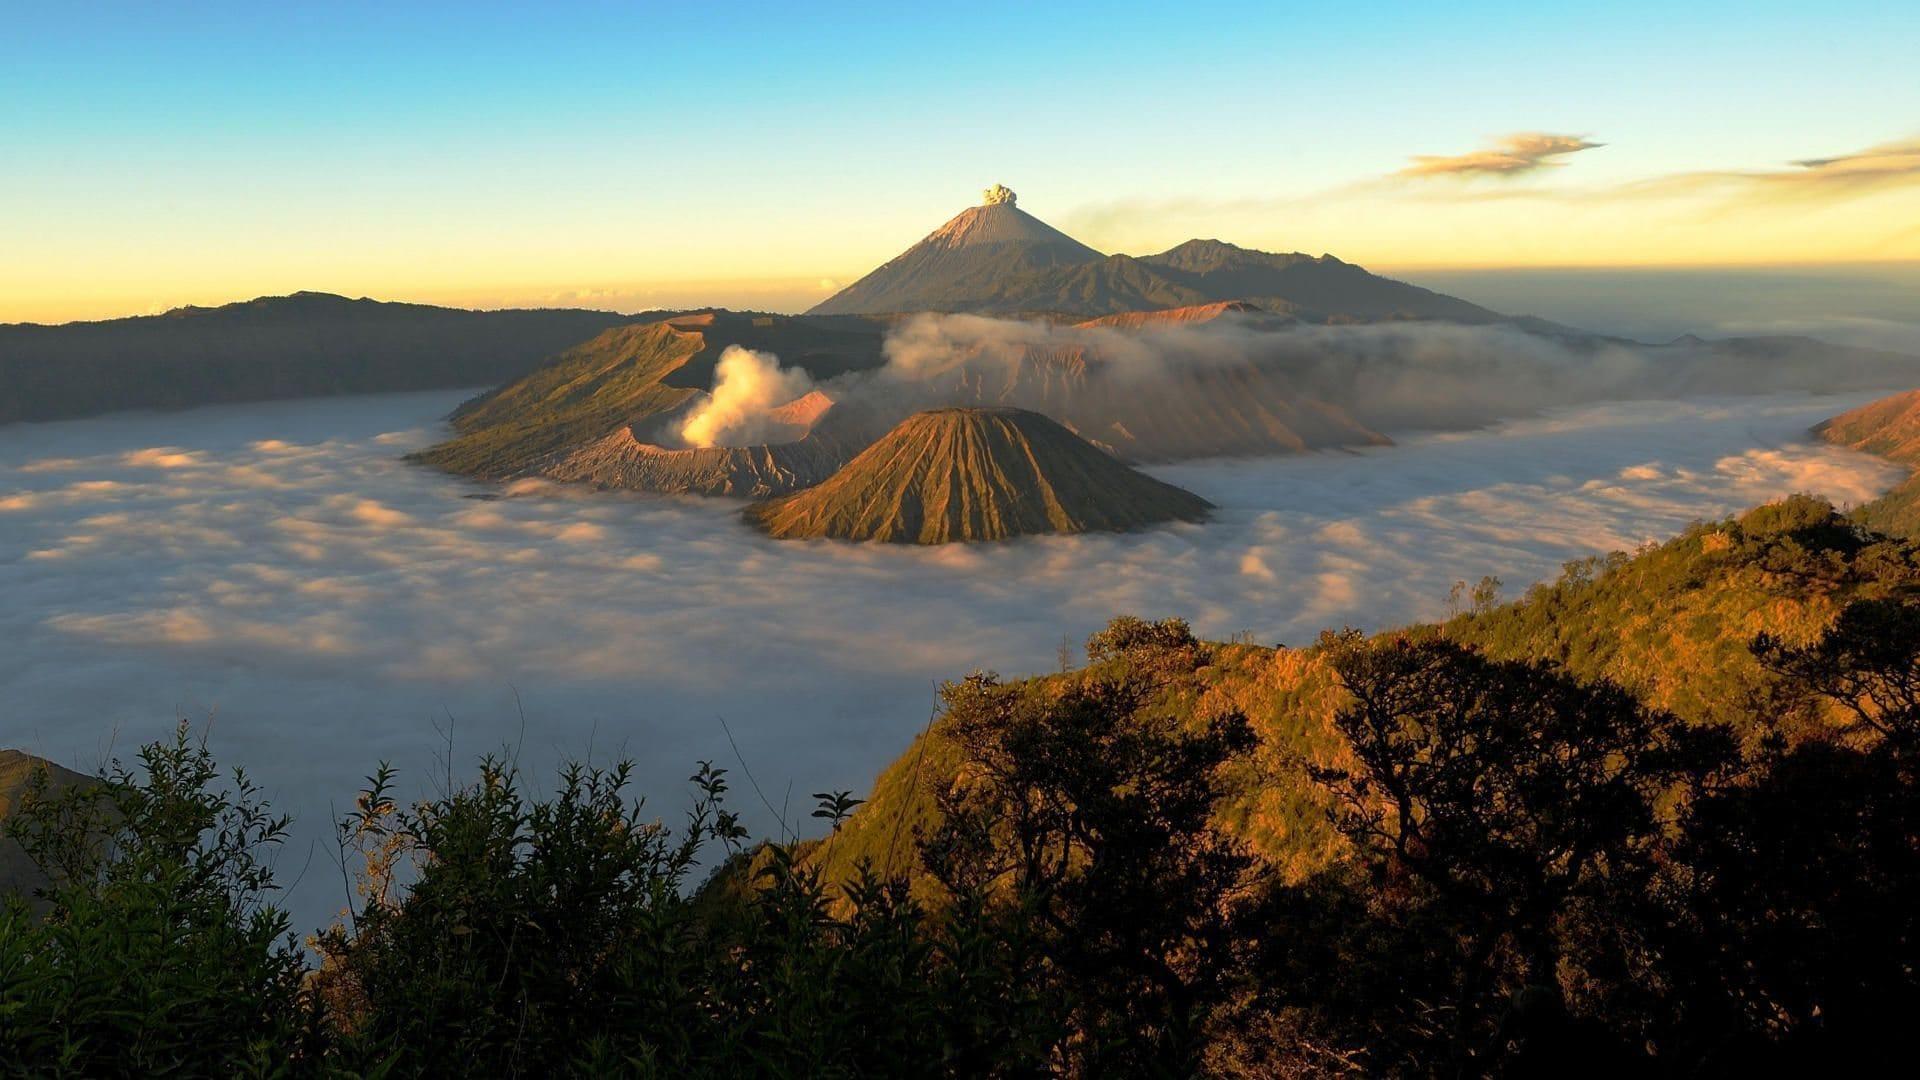 Saat Sunrise Menyapa Di Gunung Bromo